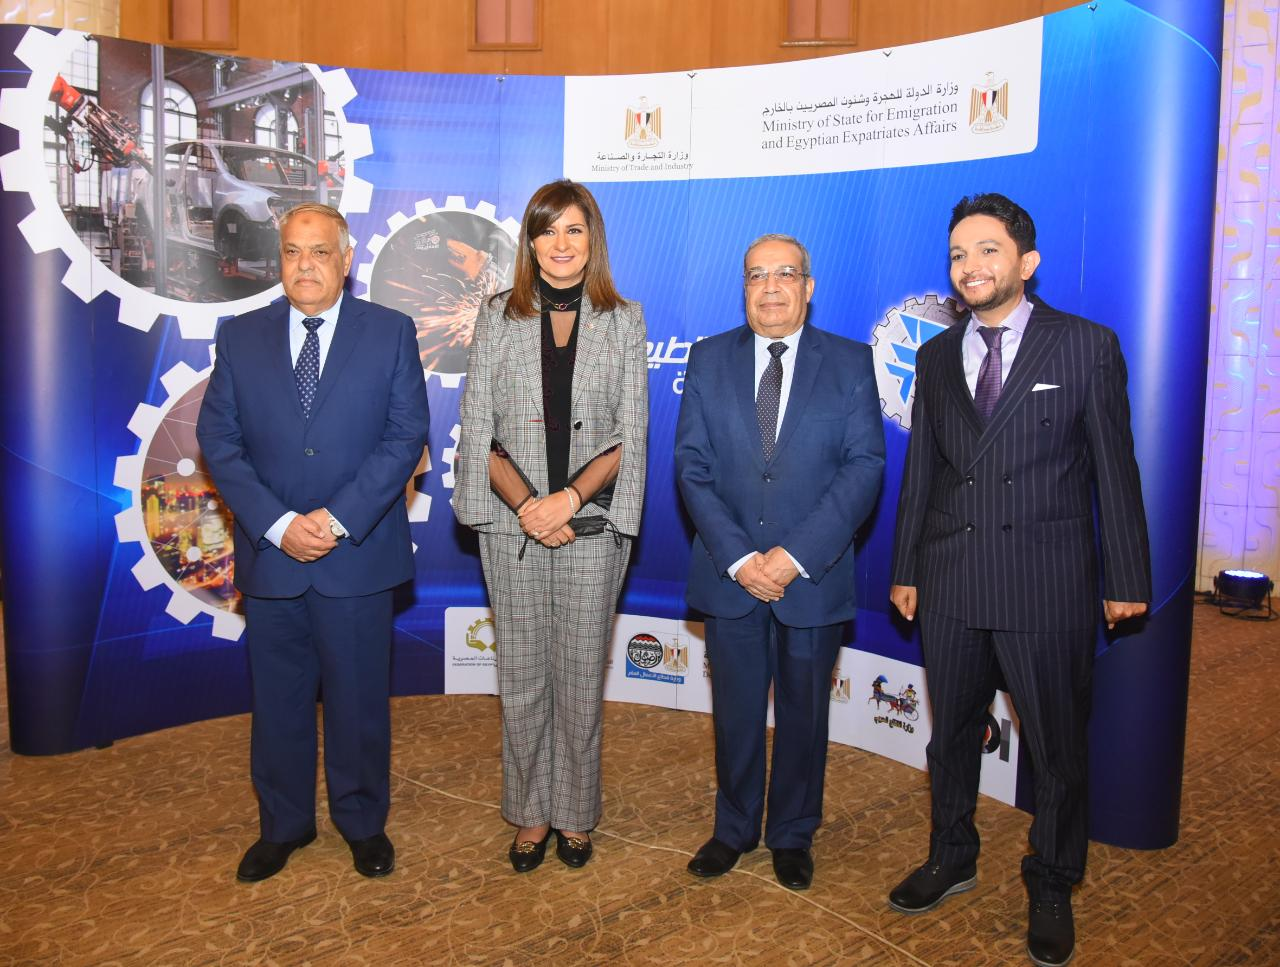 صور | 3 وزراء و5 خبراء يبحثون توطين صناعة السيارات في مصر